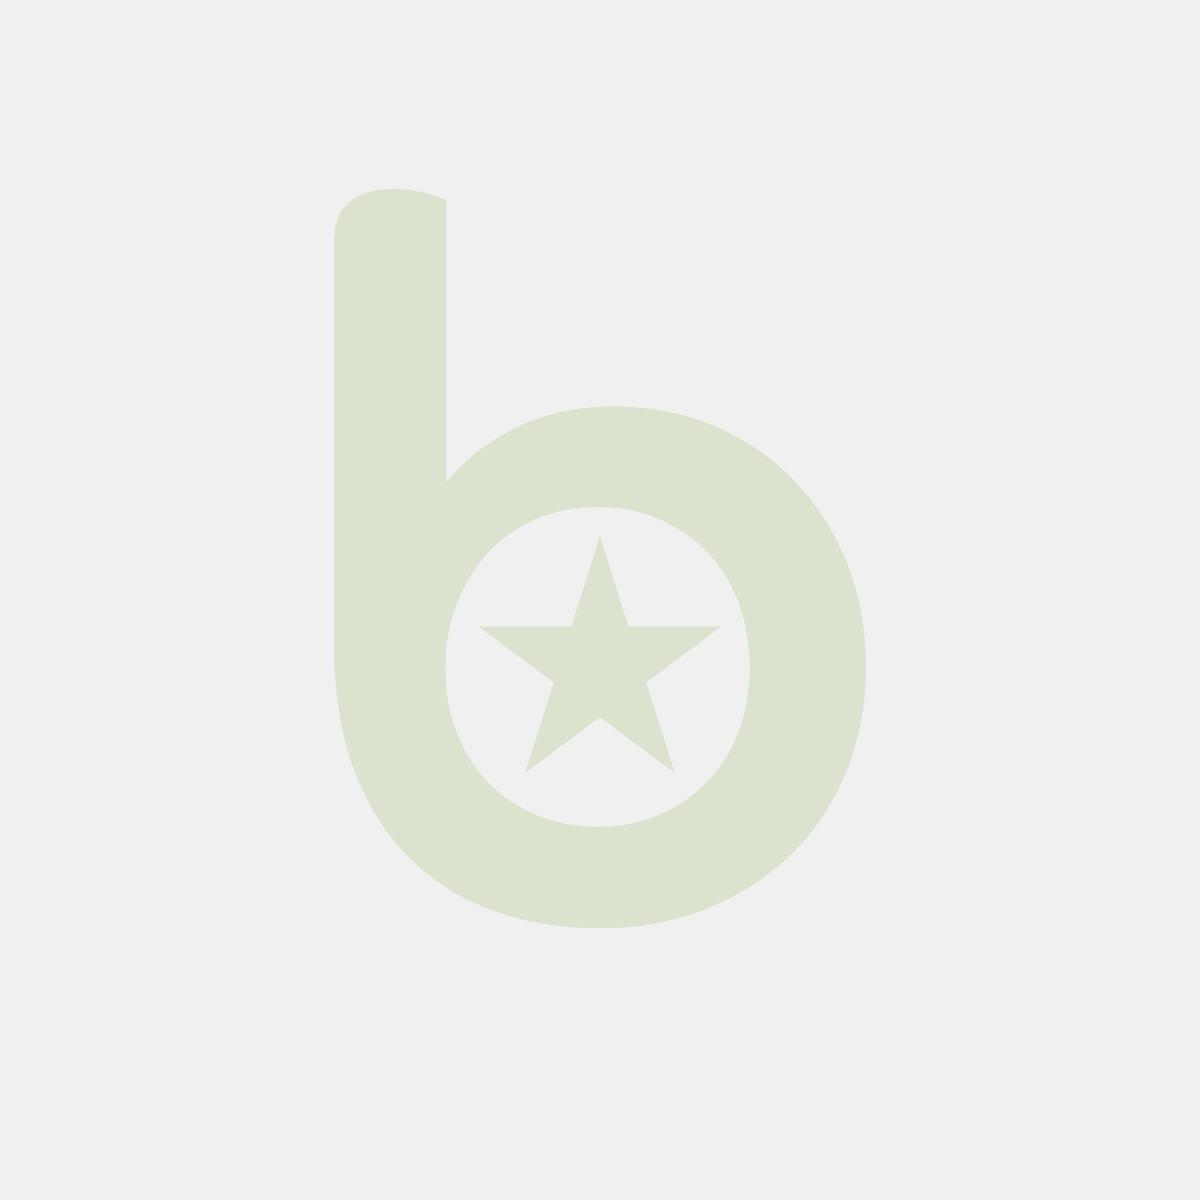 Cienkopis SCHNEIDER Line-Up, 0,4mm, niebieski